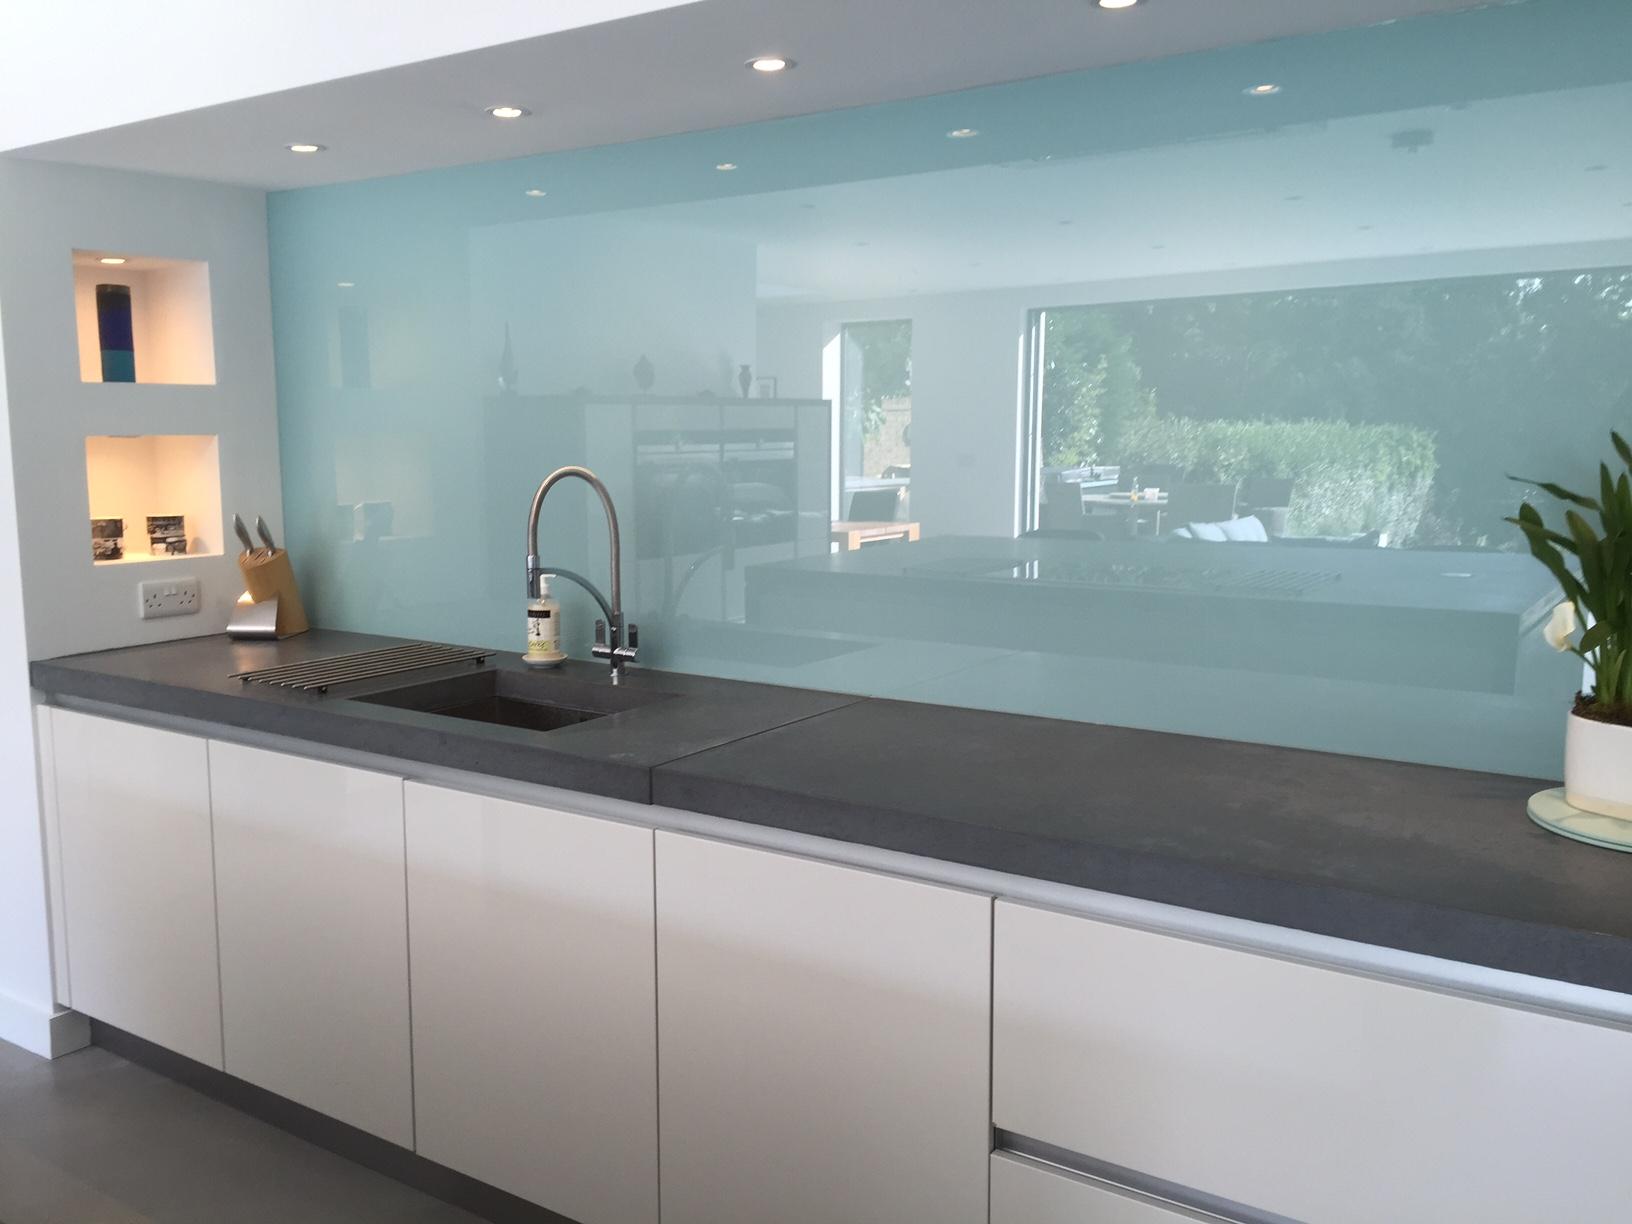 Wentworth Design - Sunbury - How To Clean Your Glass Splashback